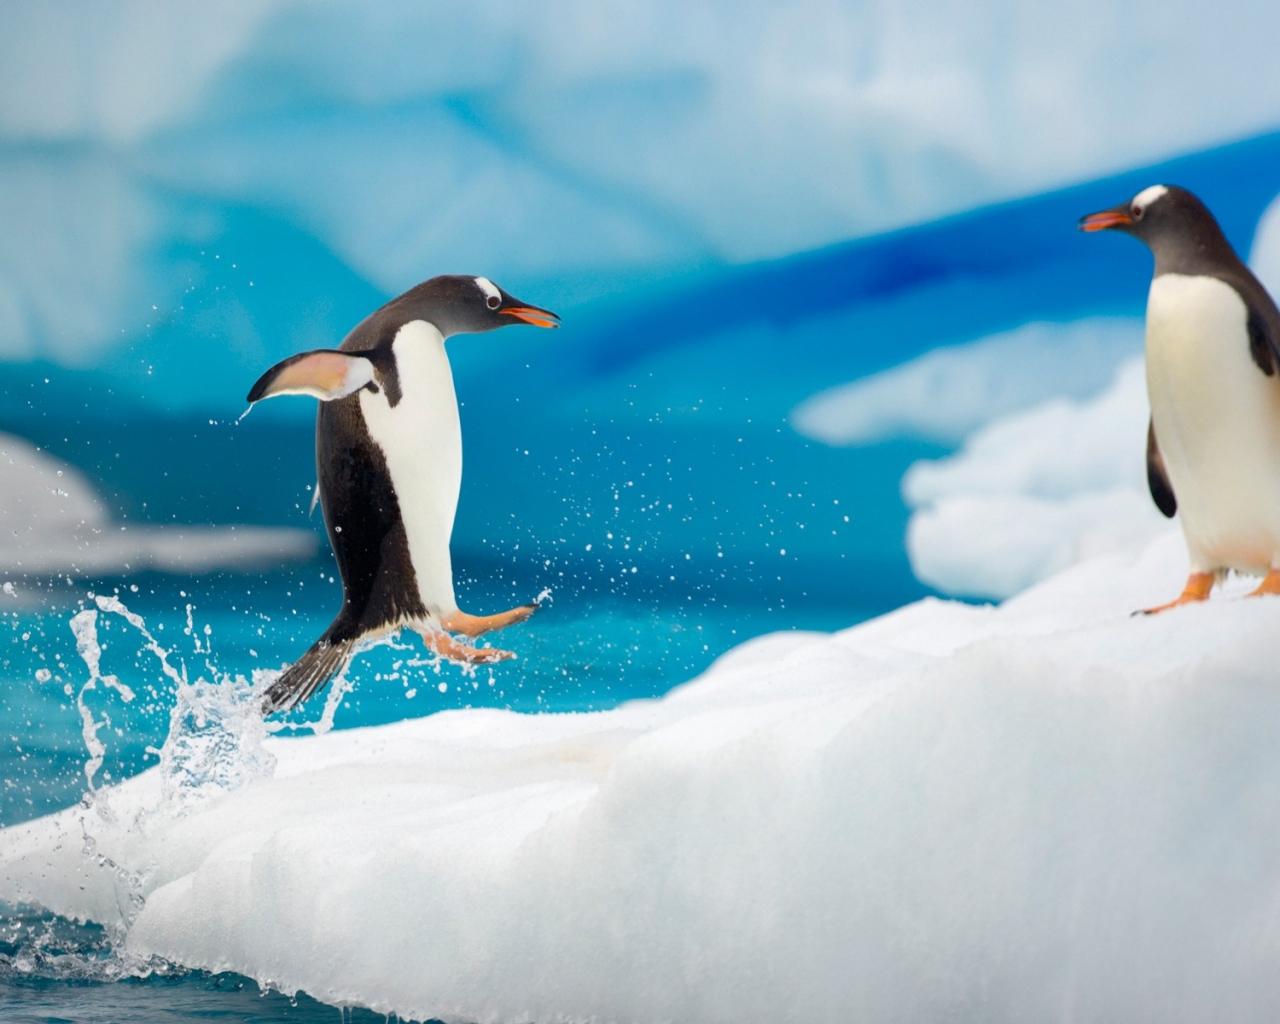 Pingüinos saltando - 1280x1024